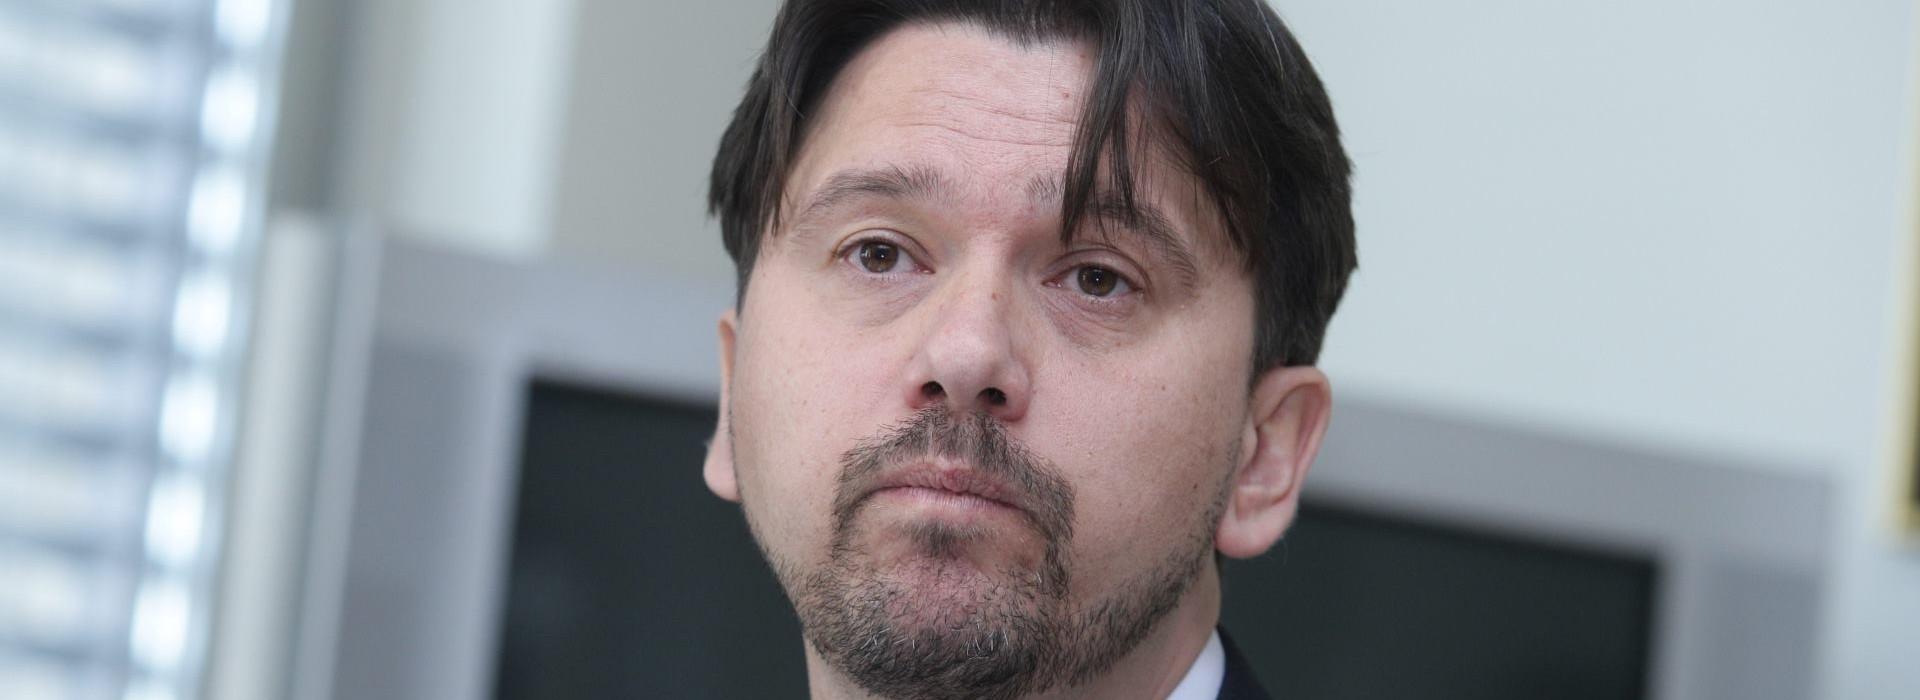 MINISTARSTVO ZAŠTITE OKOLIŠA Razriješen ravnatelj Agencije za zaštitu okoliša koji je odbio preseljenje u Zagrebtower